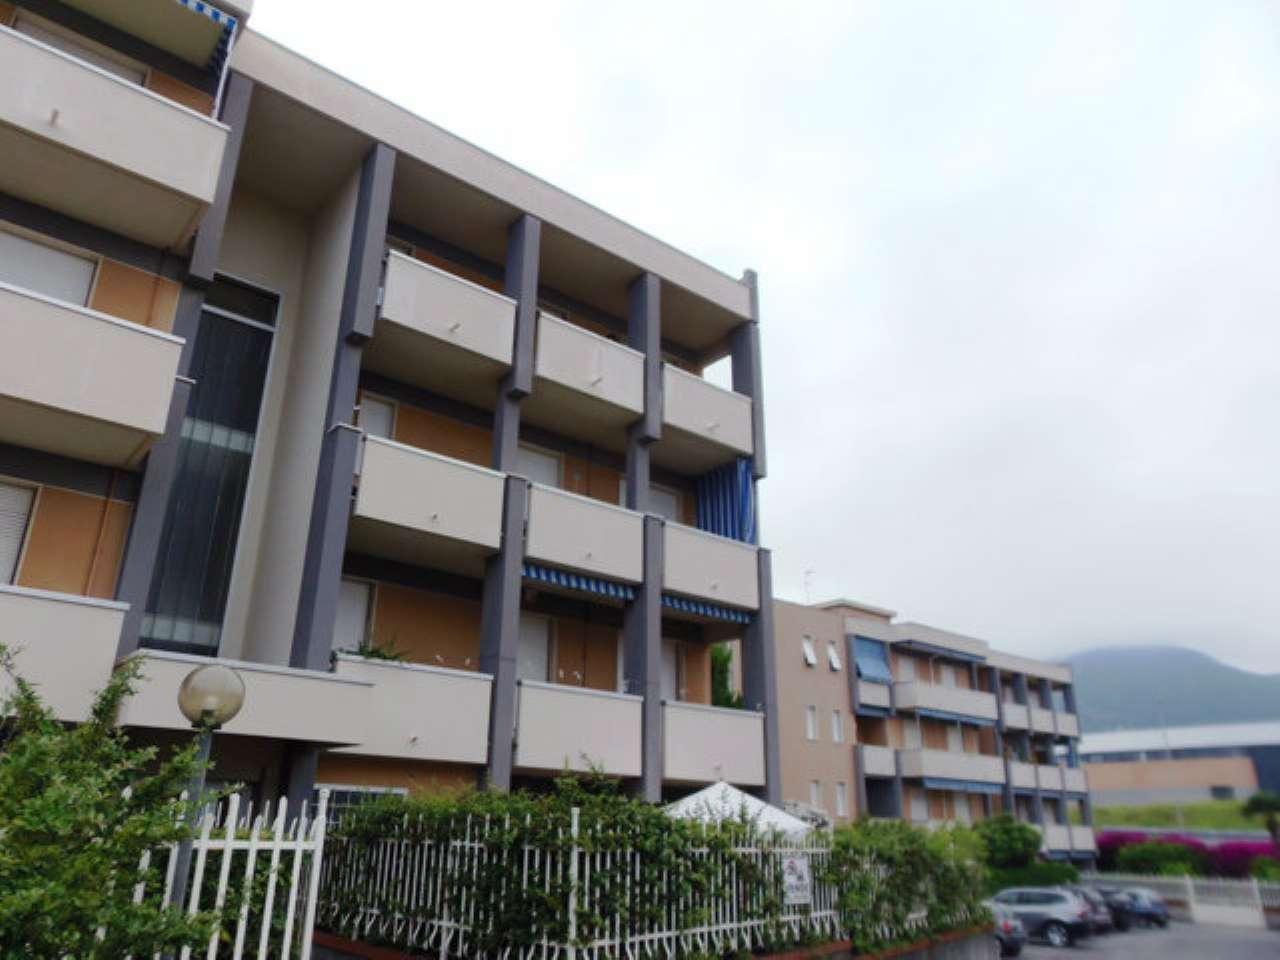 Appartamento in vendita a Loano, 2 locali, prezzo € 190.000   CambioCasa.it